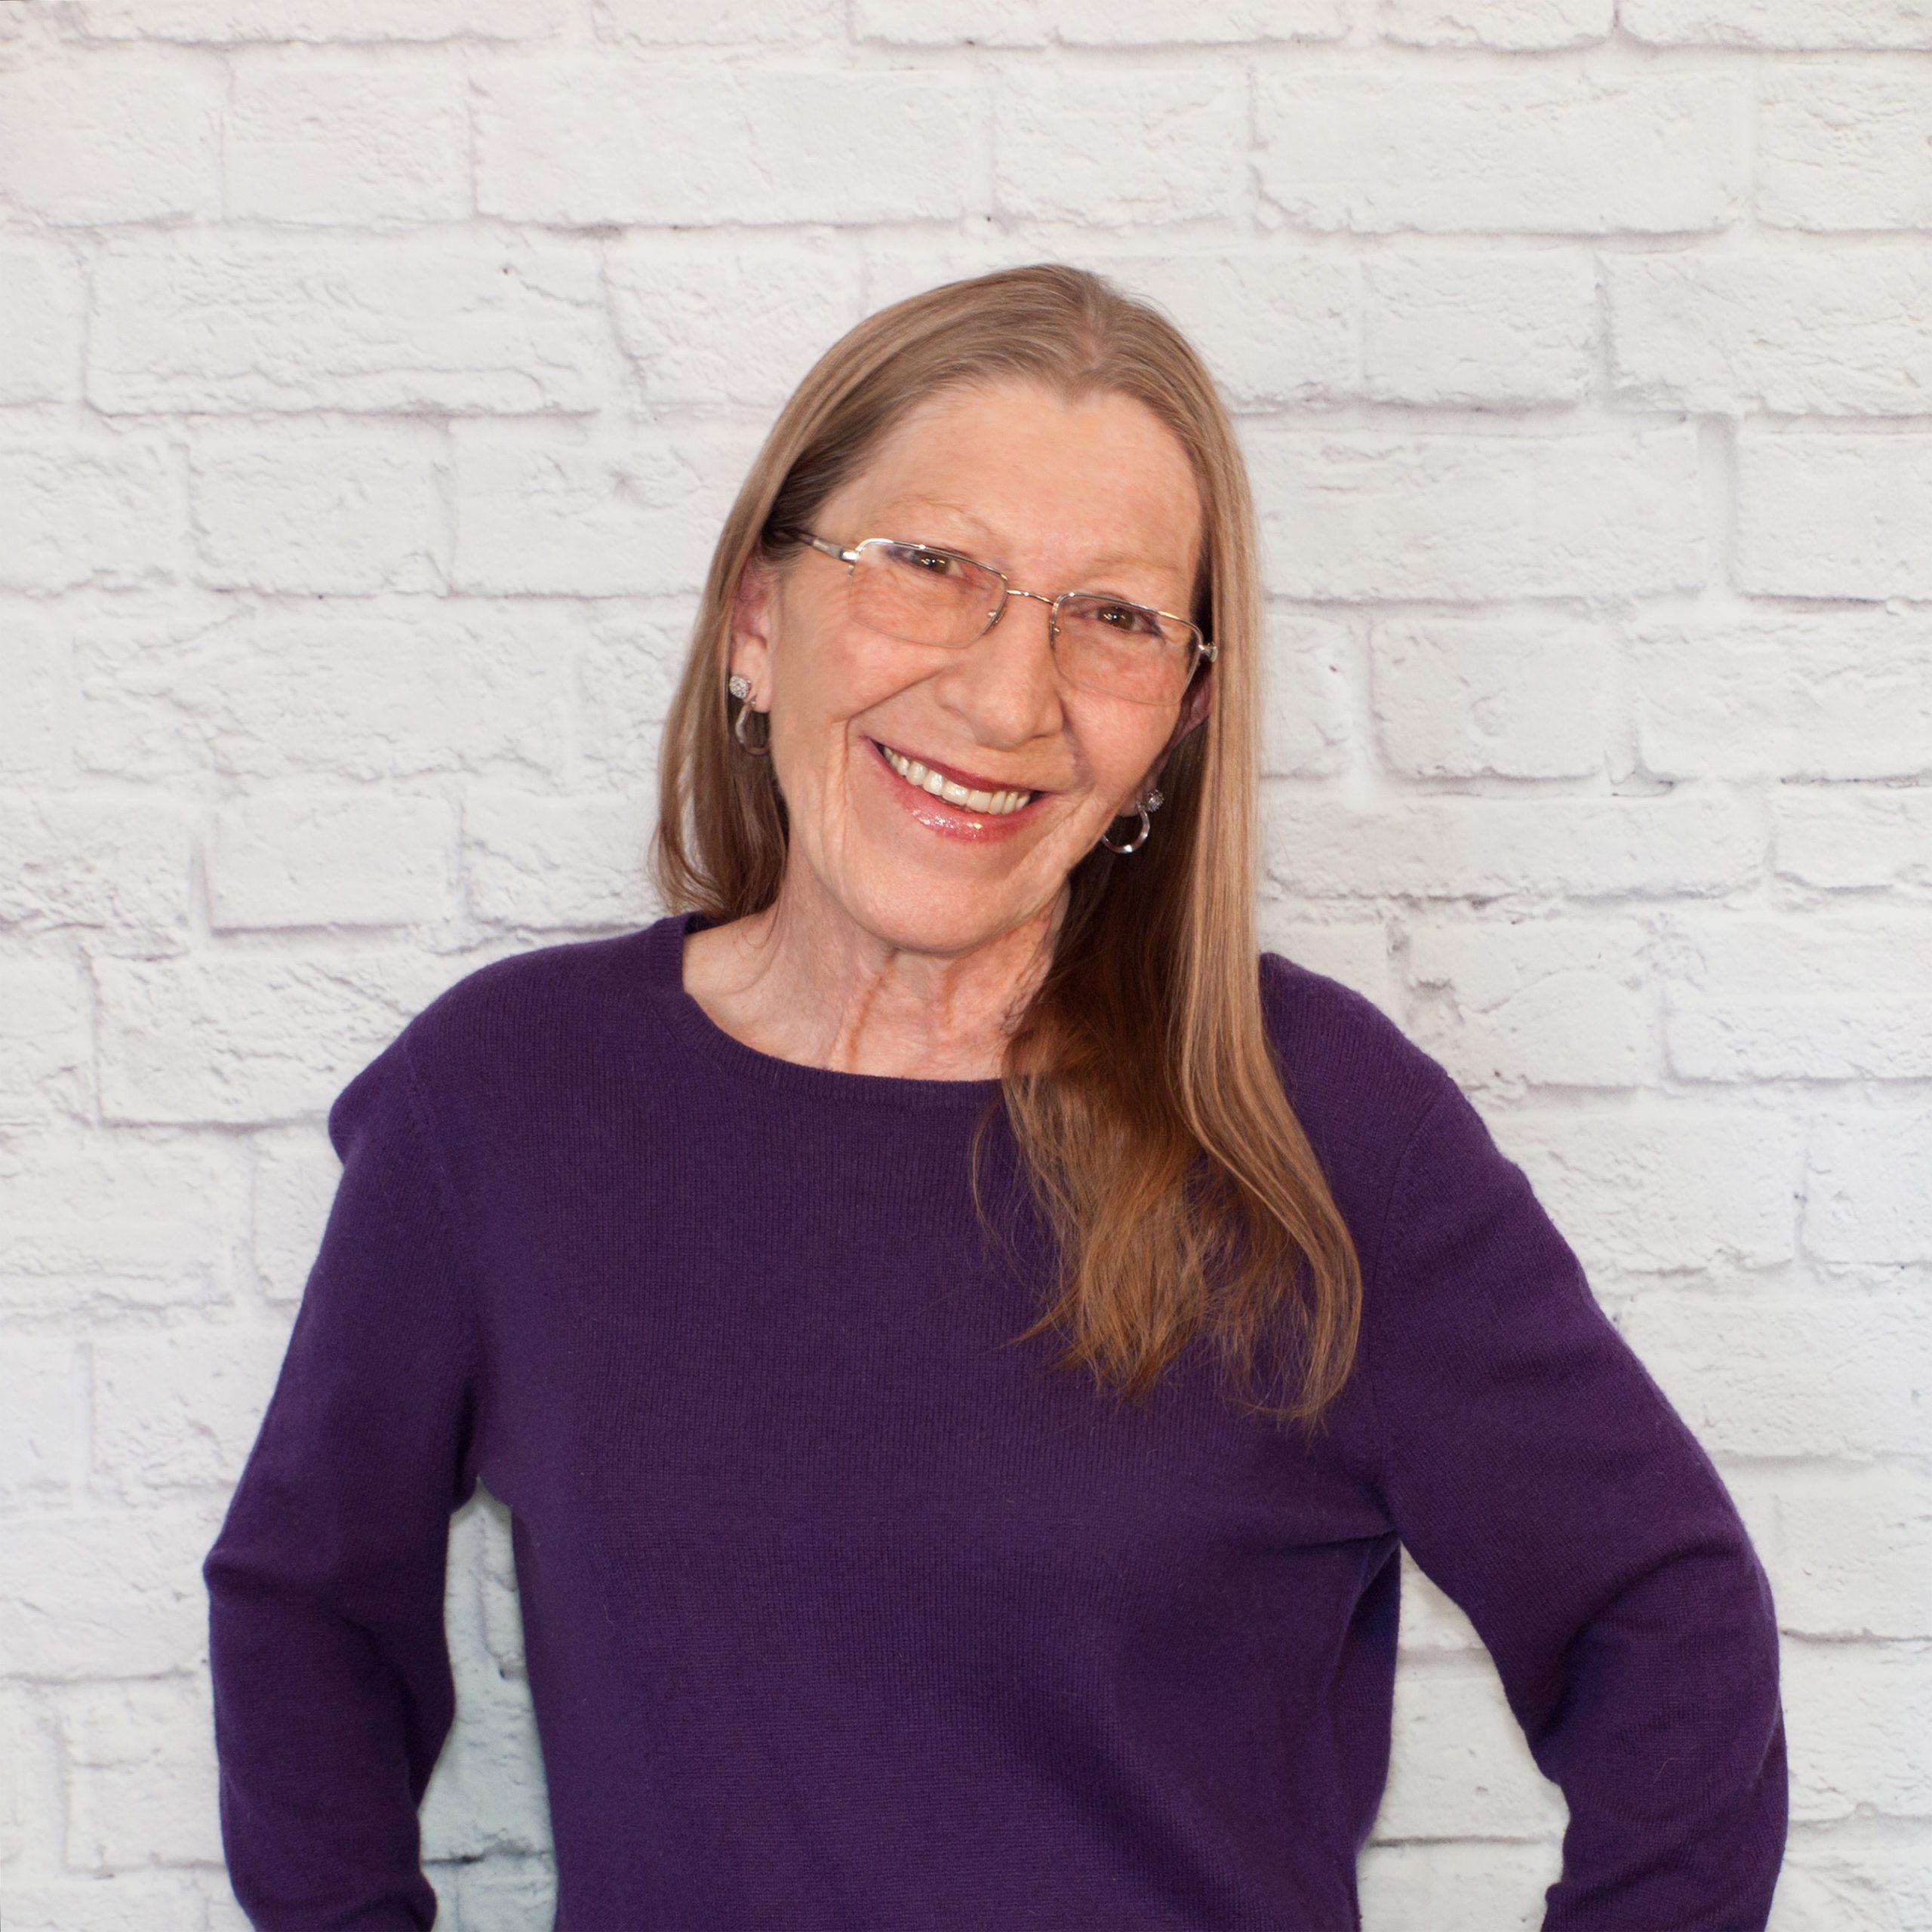 Tina Hemond